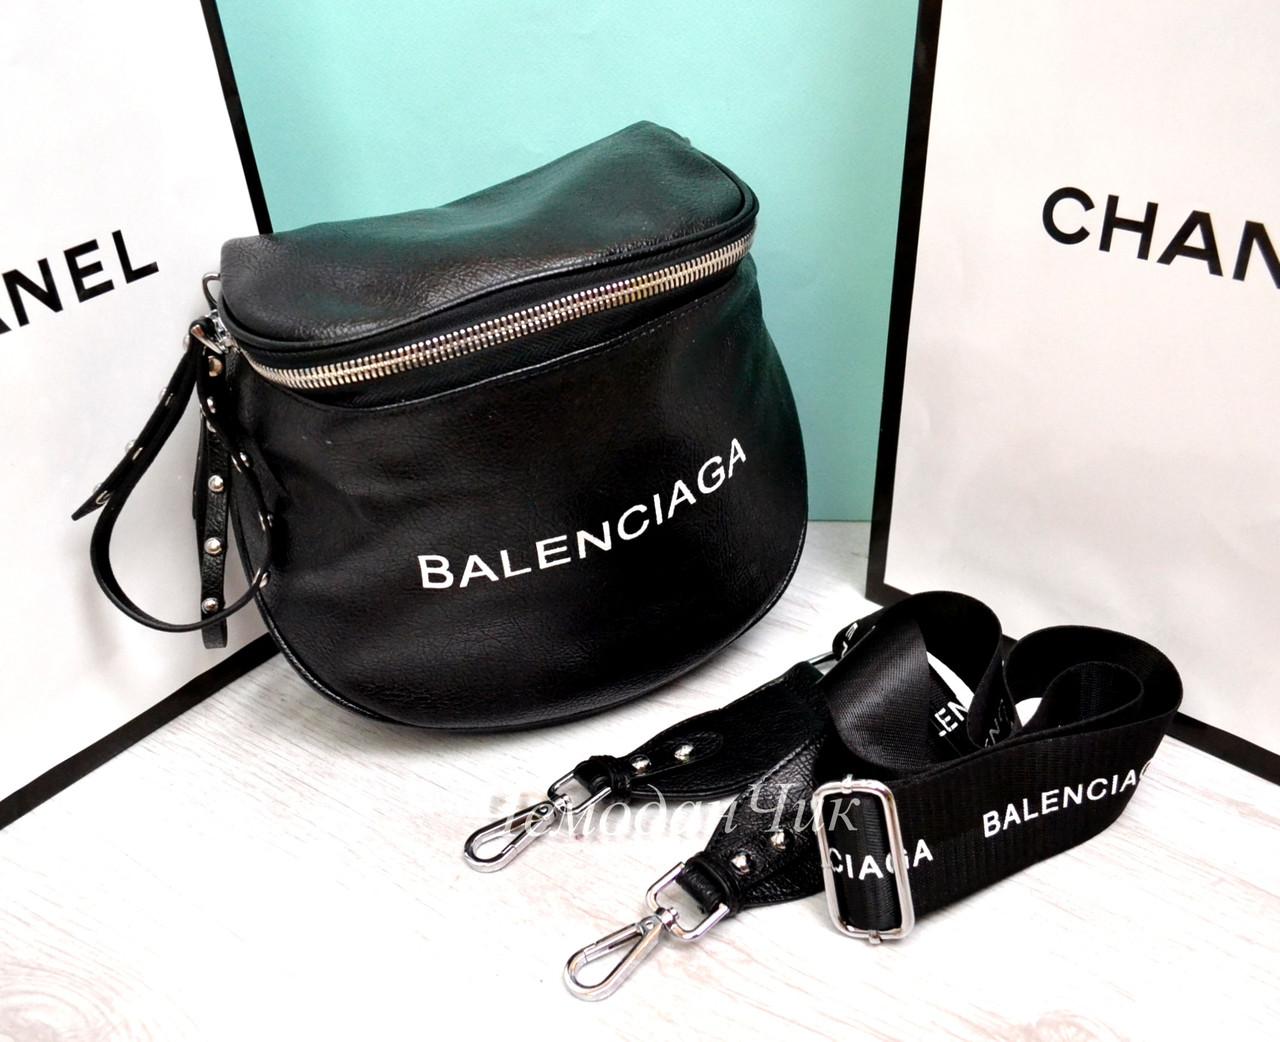 dd87049d65d4 Женская сумка Баленсиага Balenciaga в расцветках - ЧЕМОДАНЧИК - самые  красивые сумочки по самой приятной цене